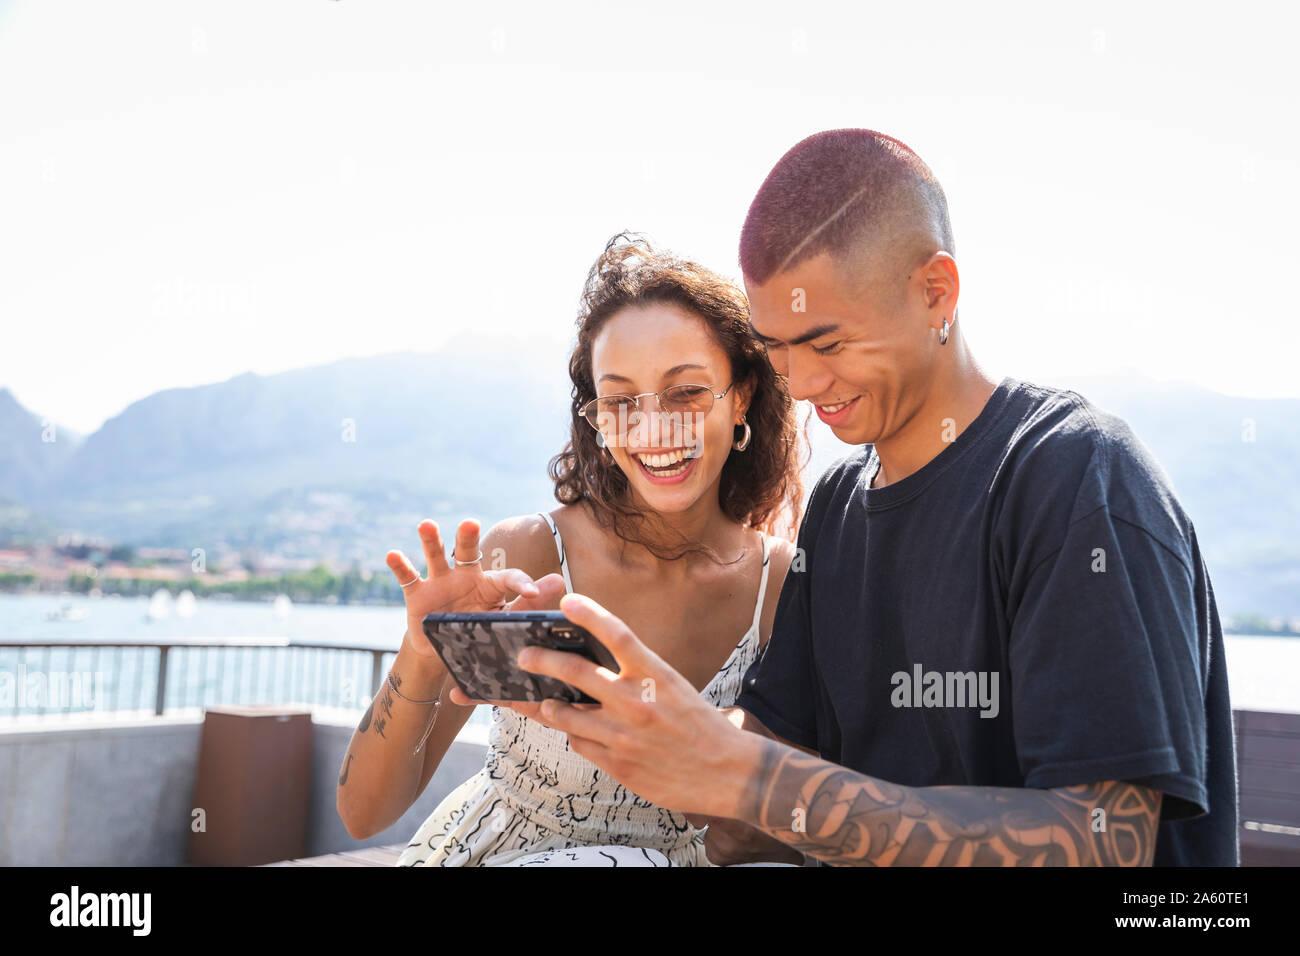 Felice coppia giovane guardando al telefono cellulare, Lecco, Italia Foto Stock